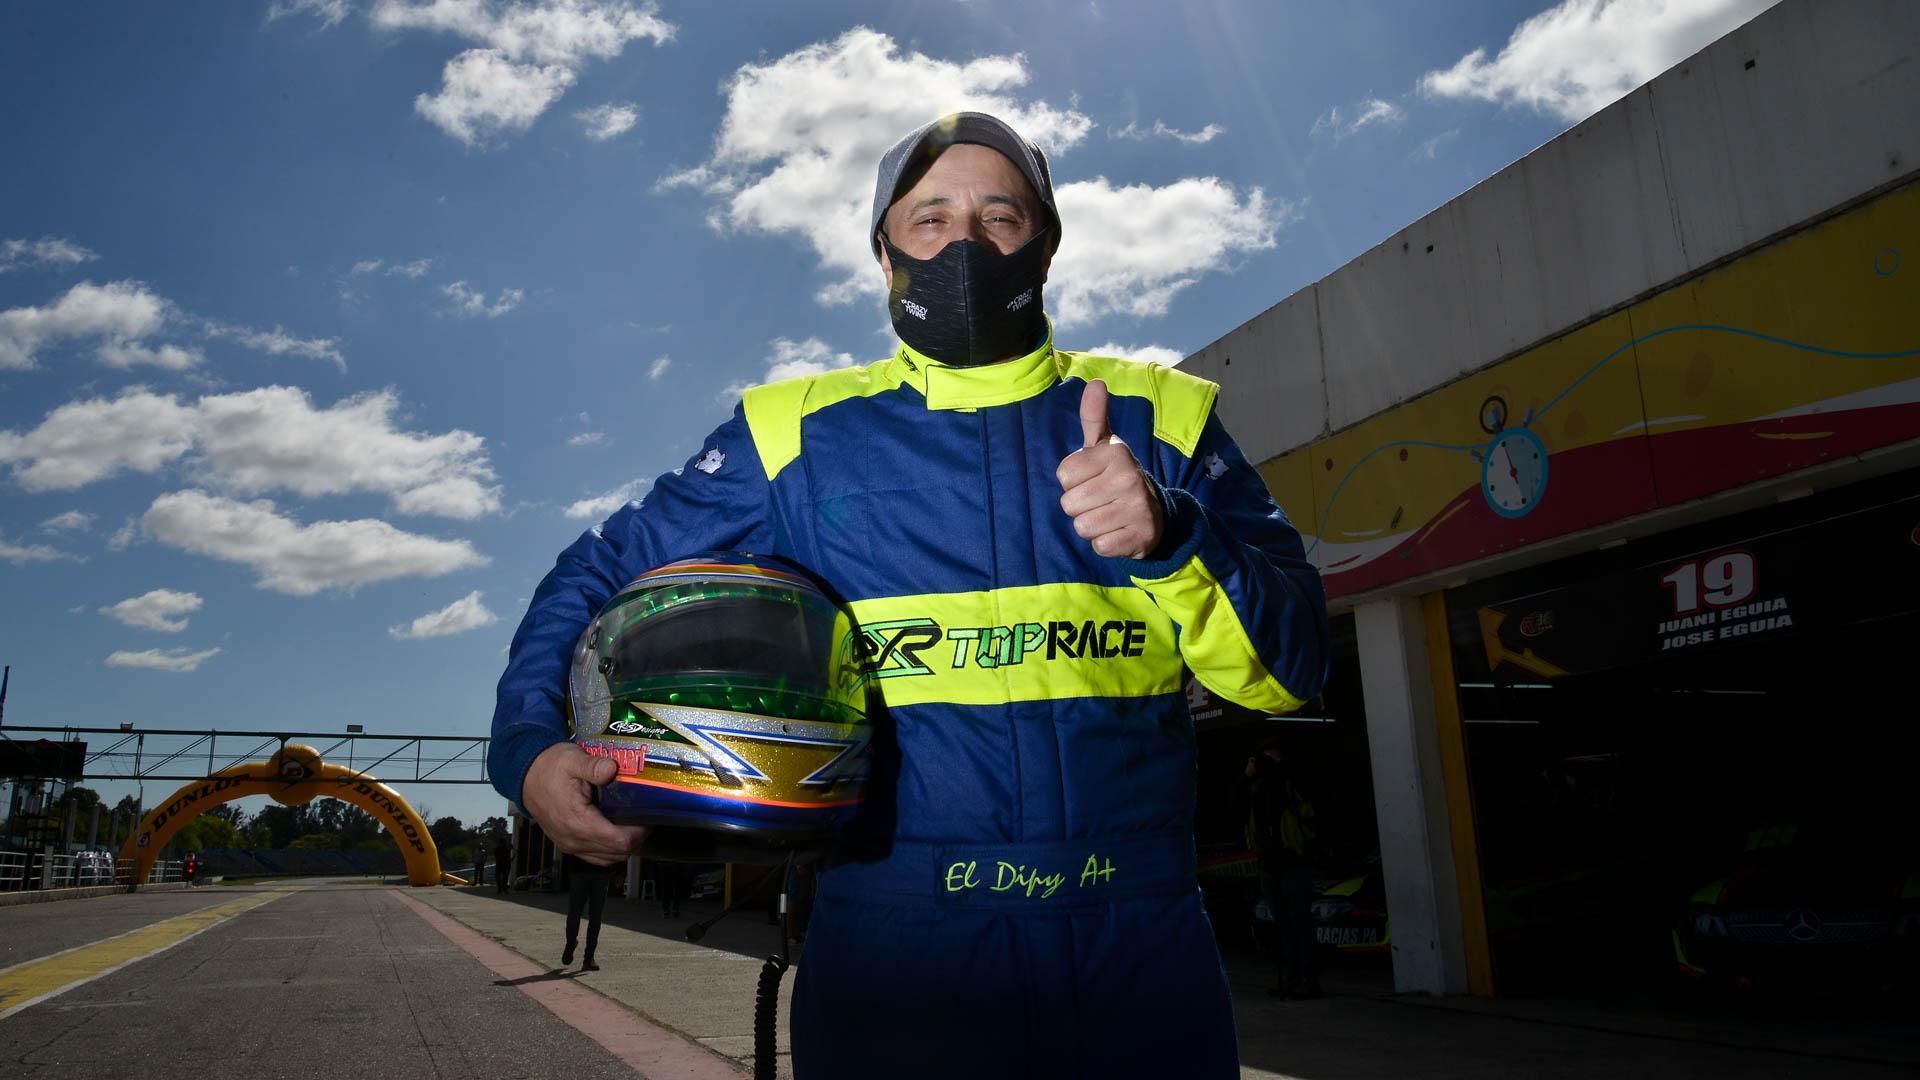 El Dipy debut en la categoría Top Race